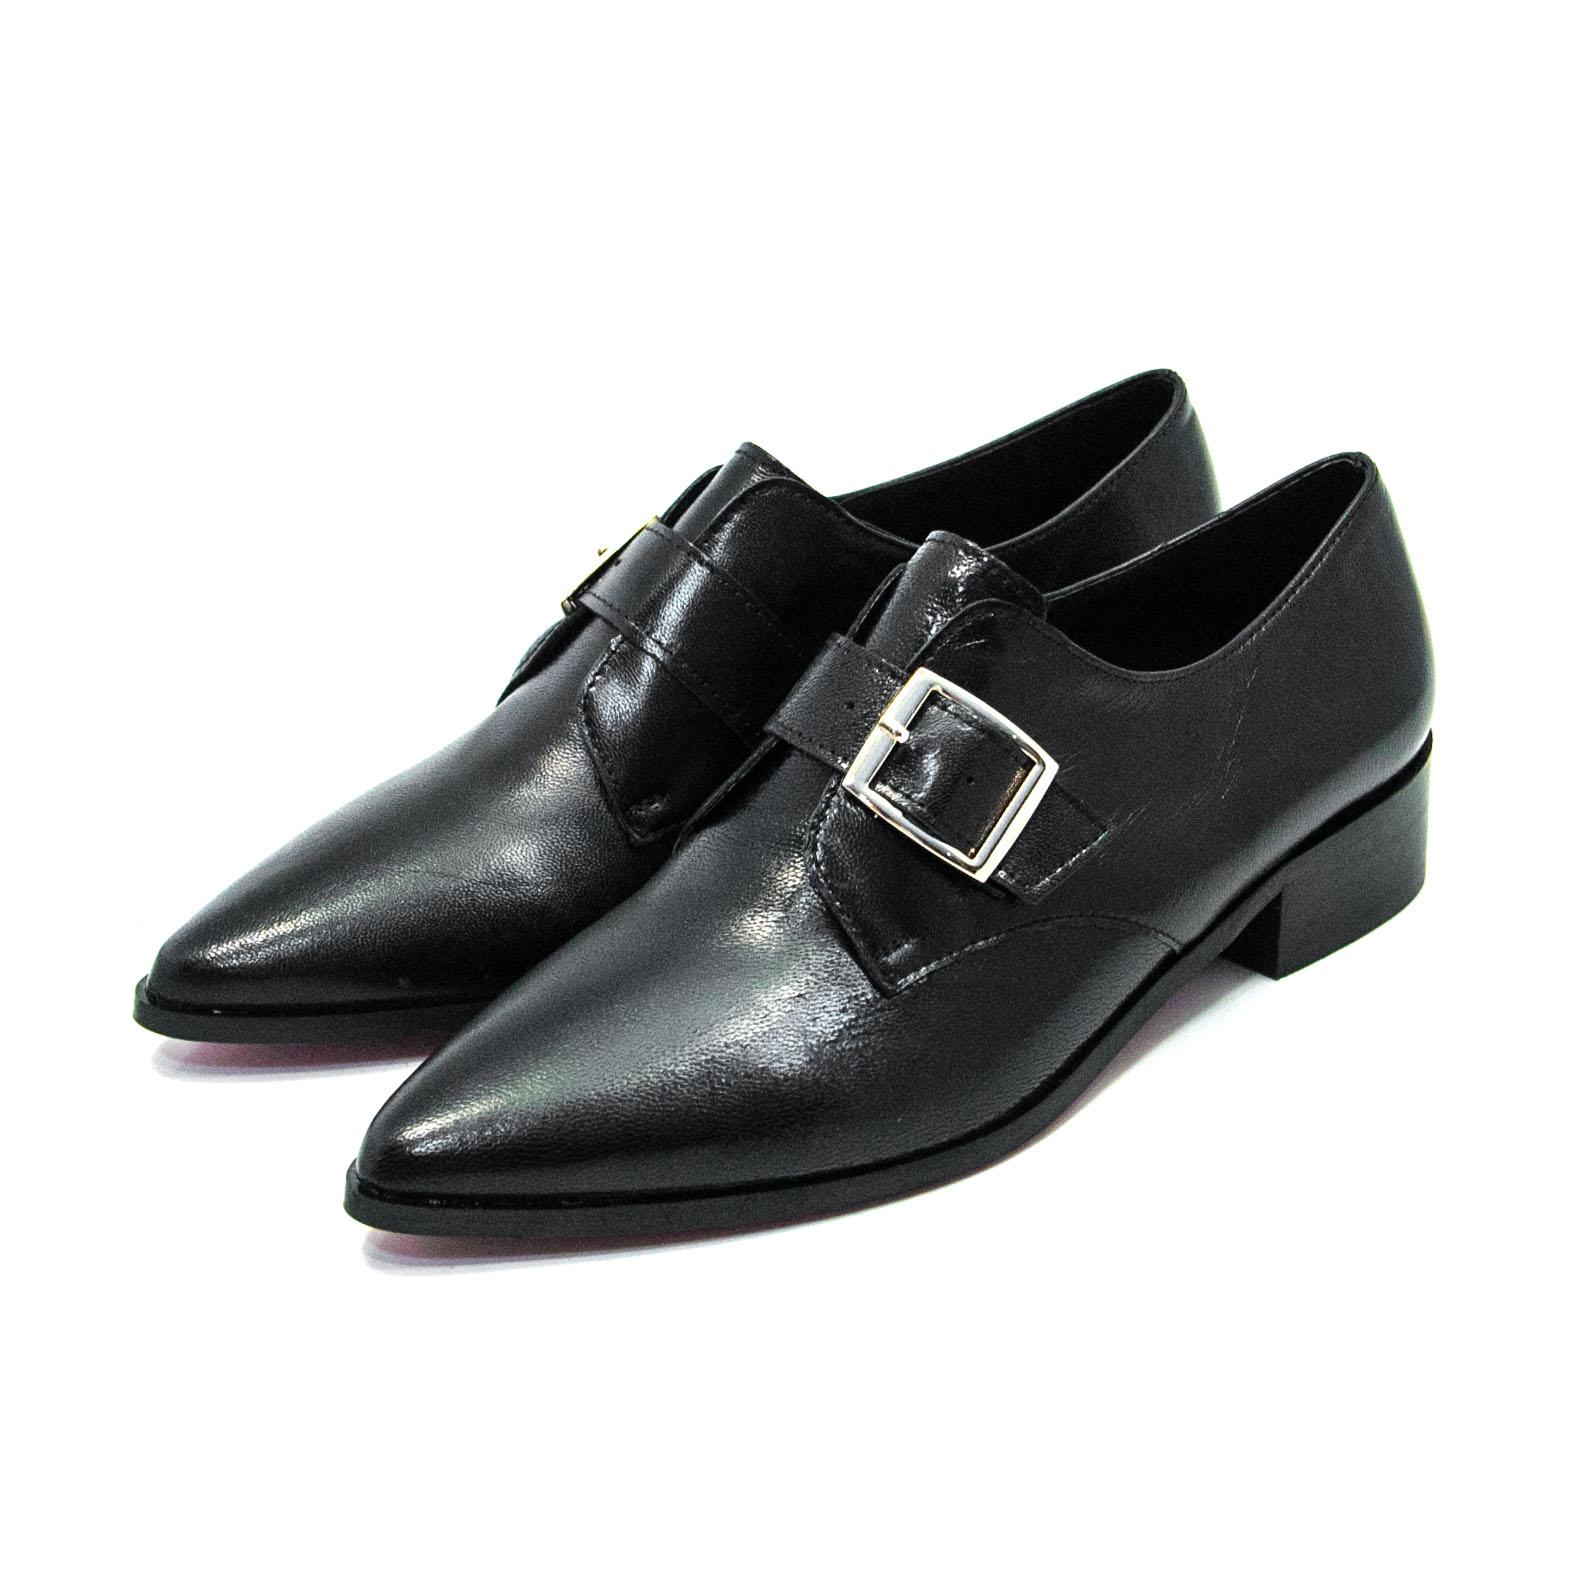 Γυναικείο παπούτσι WALL STREET 15620773